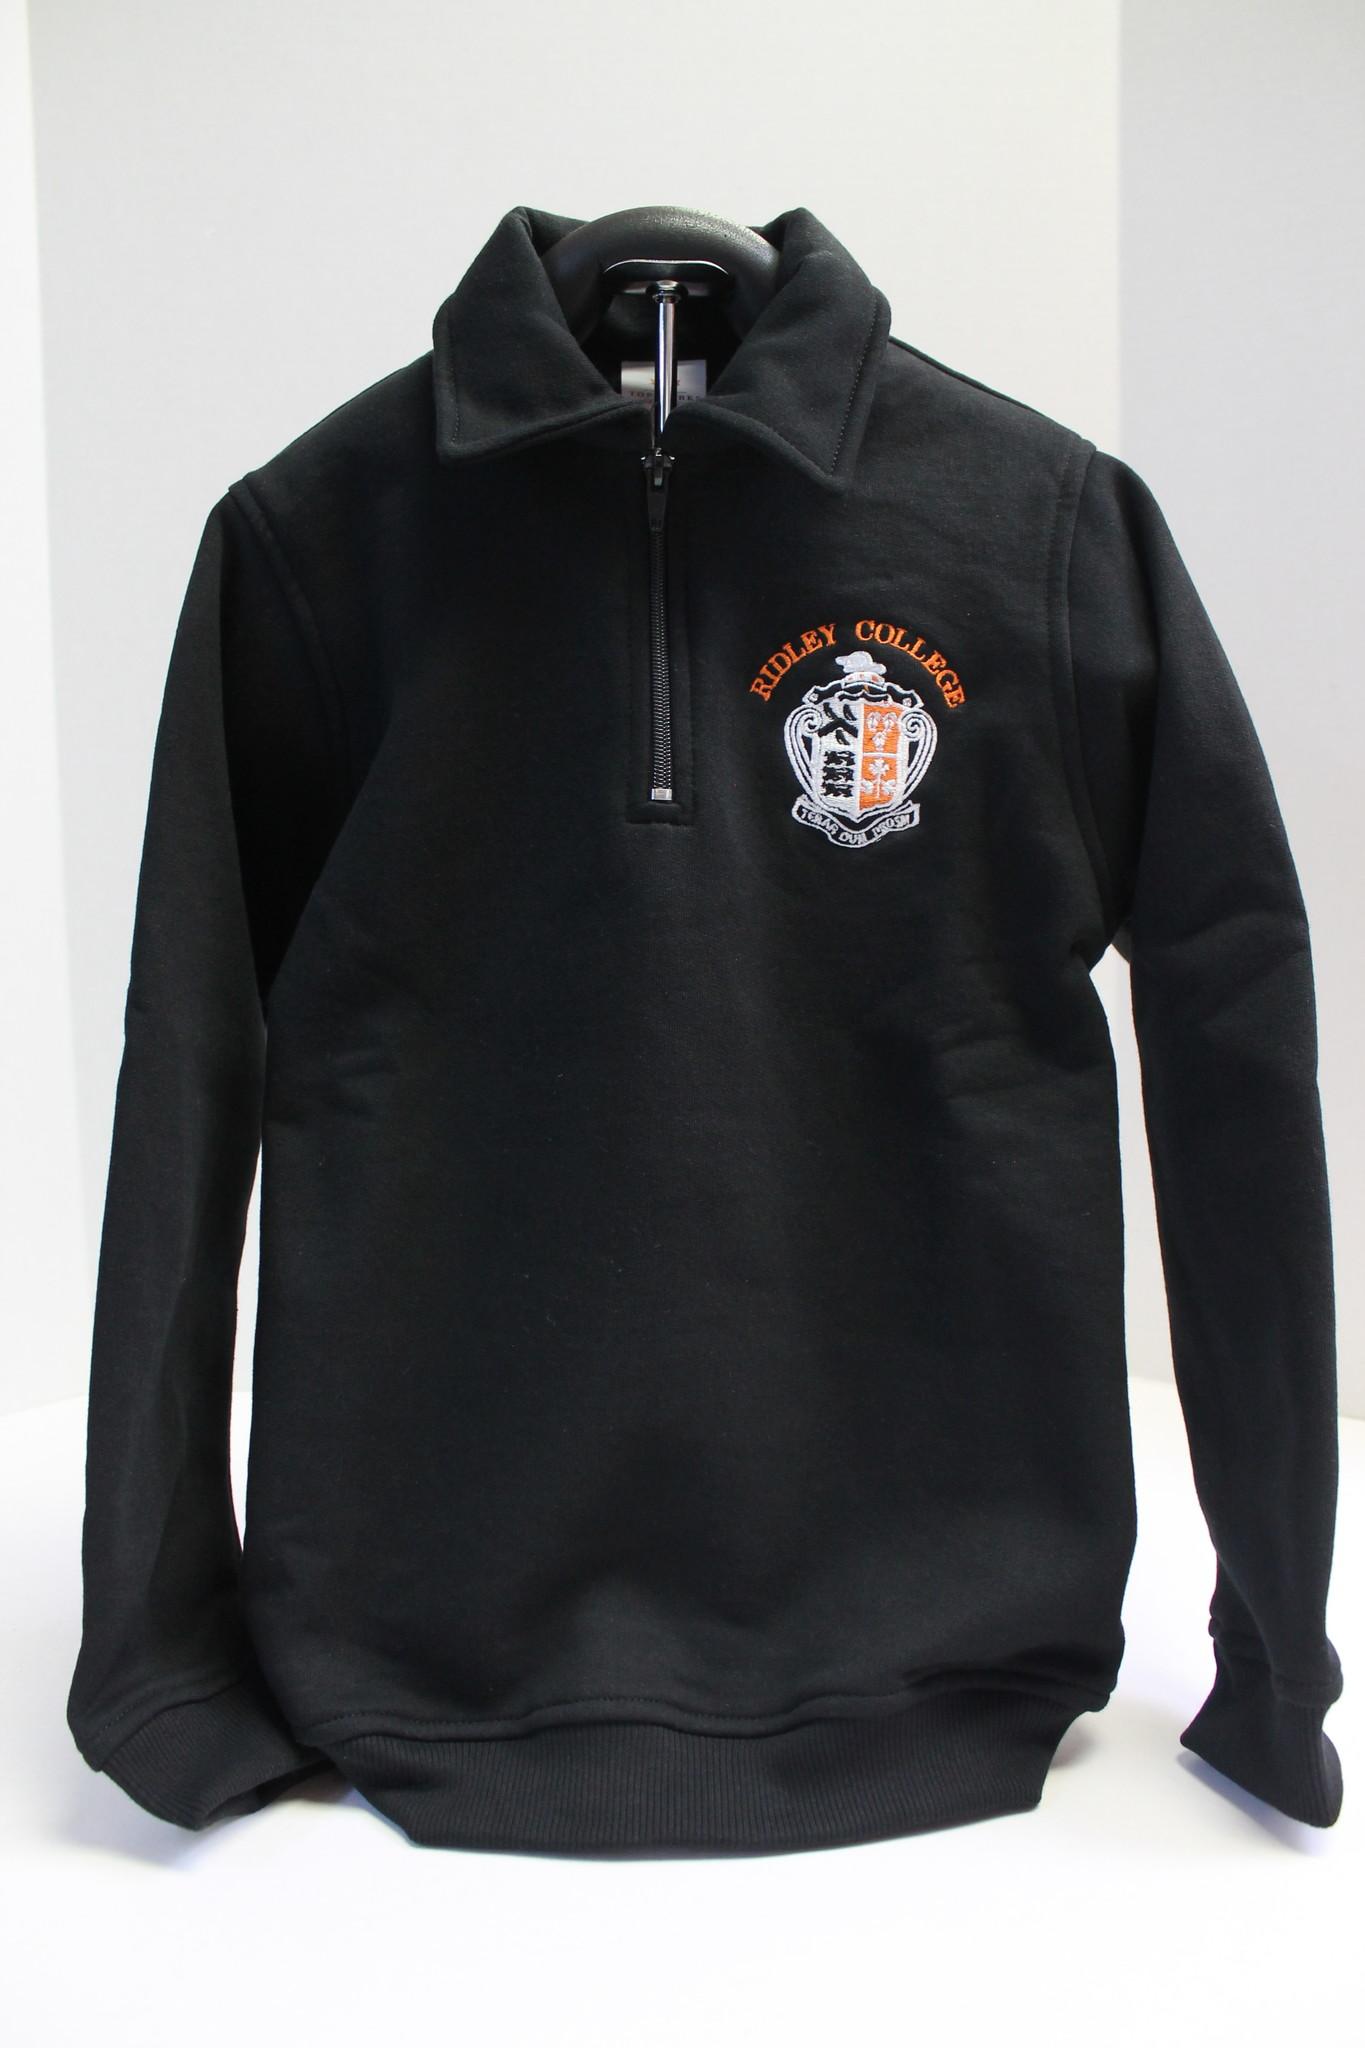 1/4 Zip Youth Sweatshirt